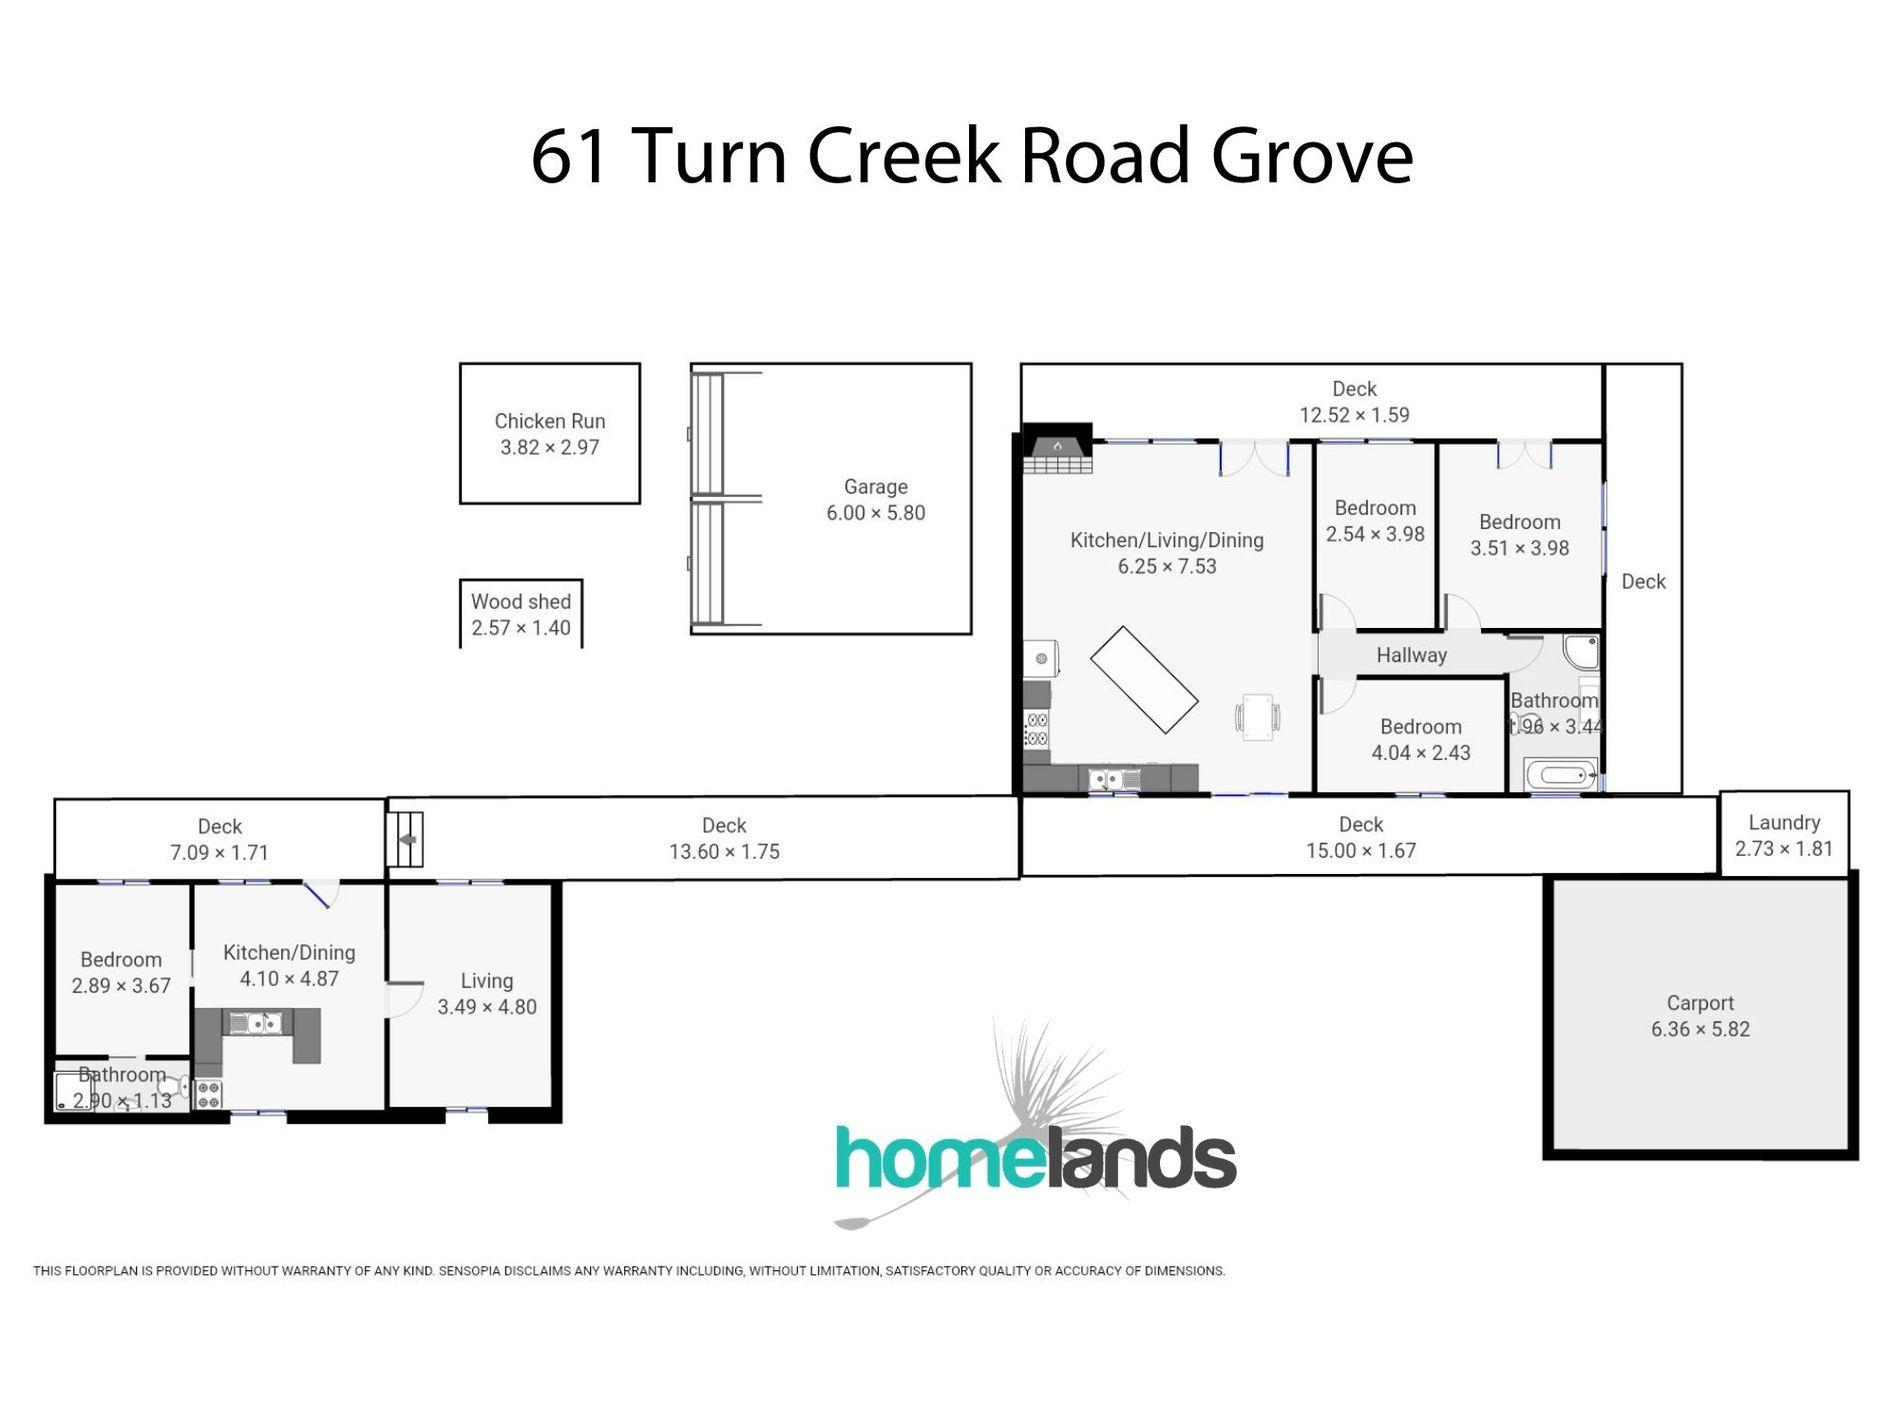 61 Turn Creek Road, Grove